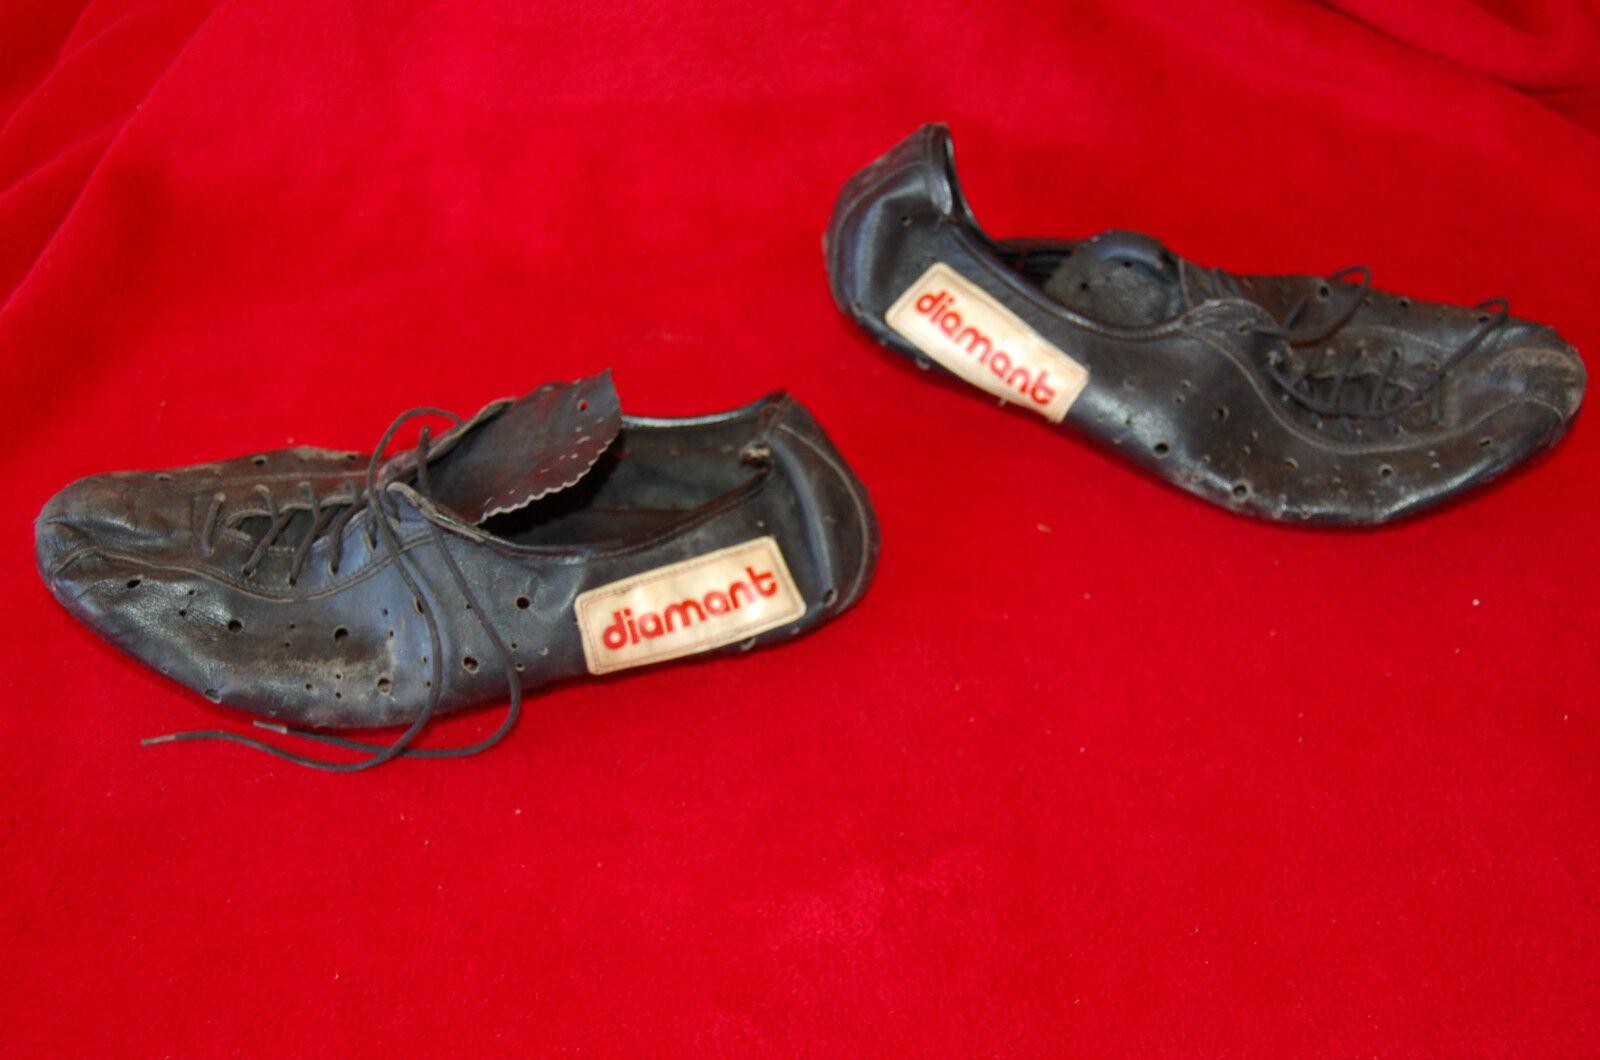 Schuhe Schuhe Schuhe schuhe velo vintage diamant 26,5 cm cd5c74